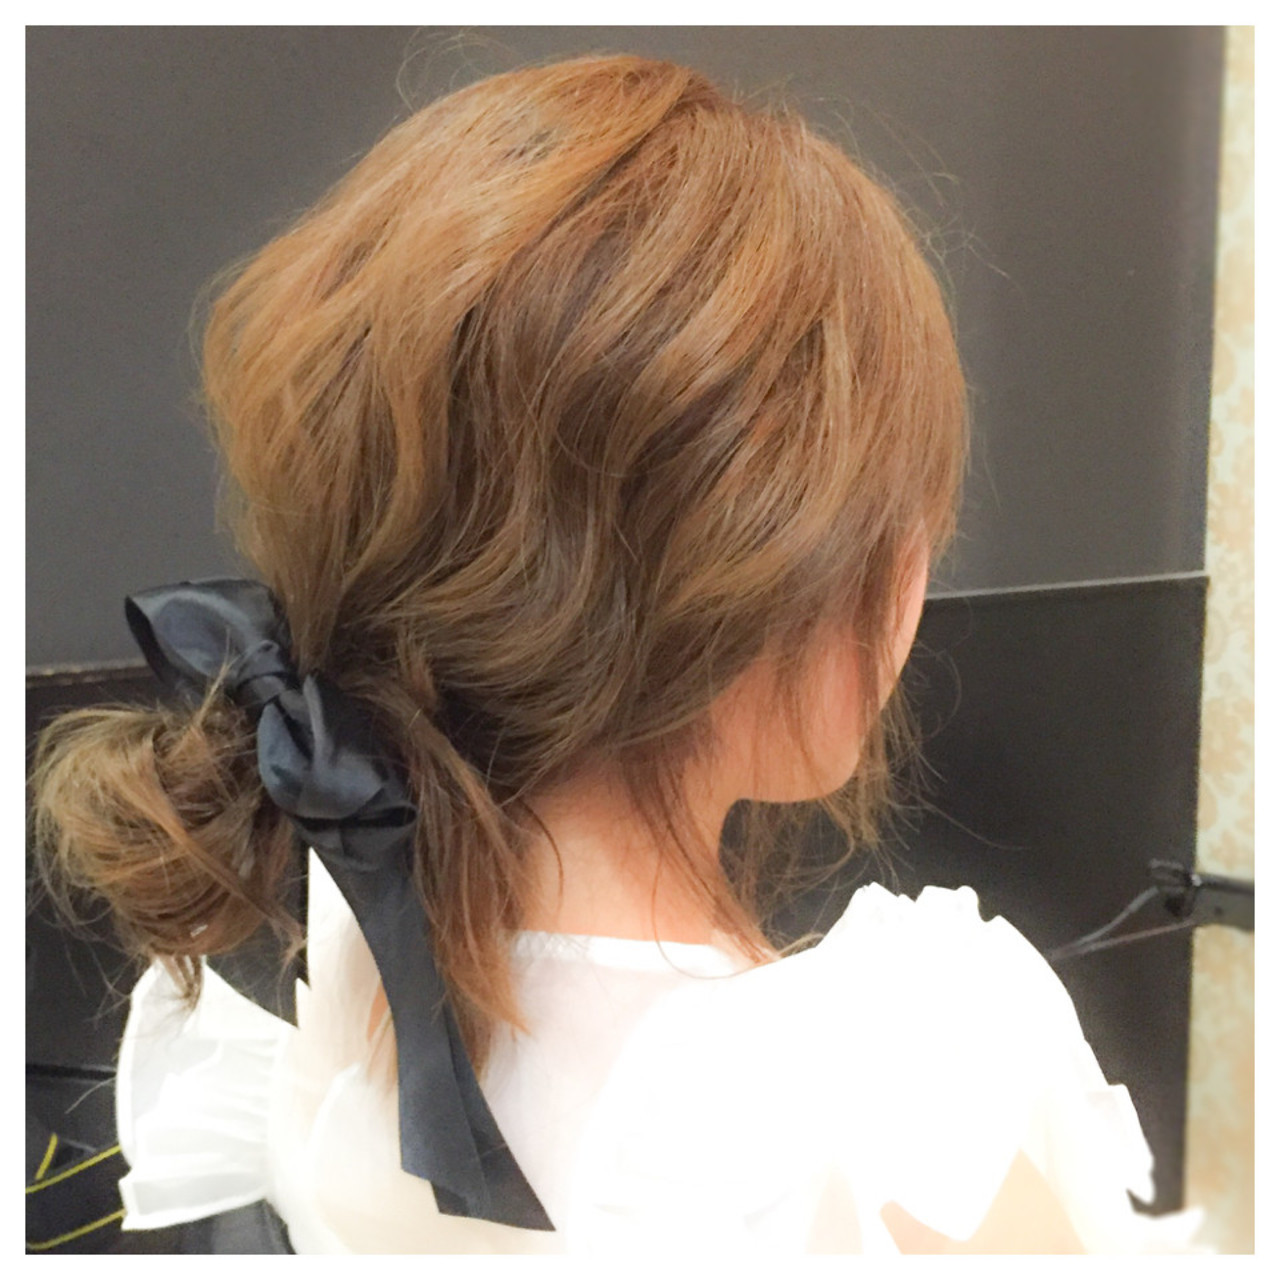 【セミロングアレンジまとめ】ストレートや巻き髪で垢抜けよう!